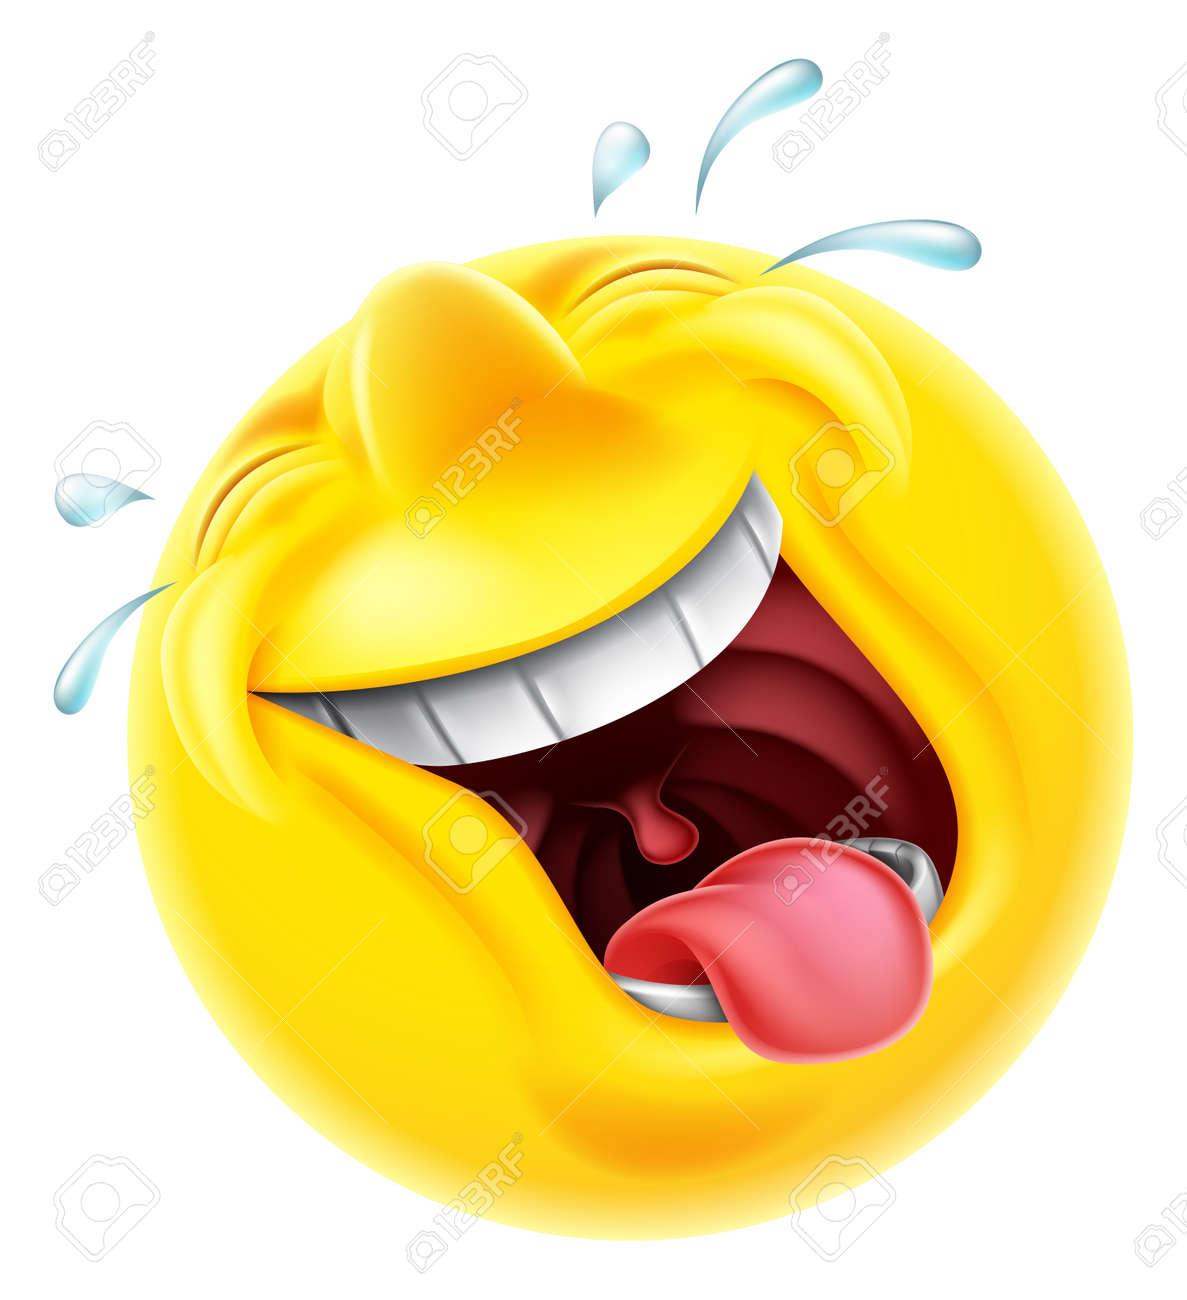 Un Rire Emoji émoticône Smiley Caractère Très Heureux De Visage Rire